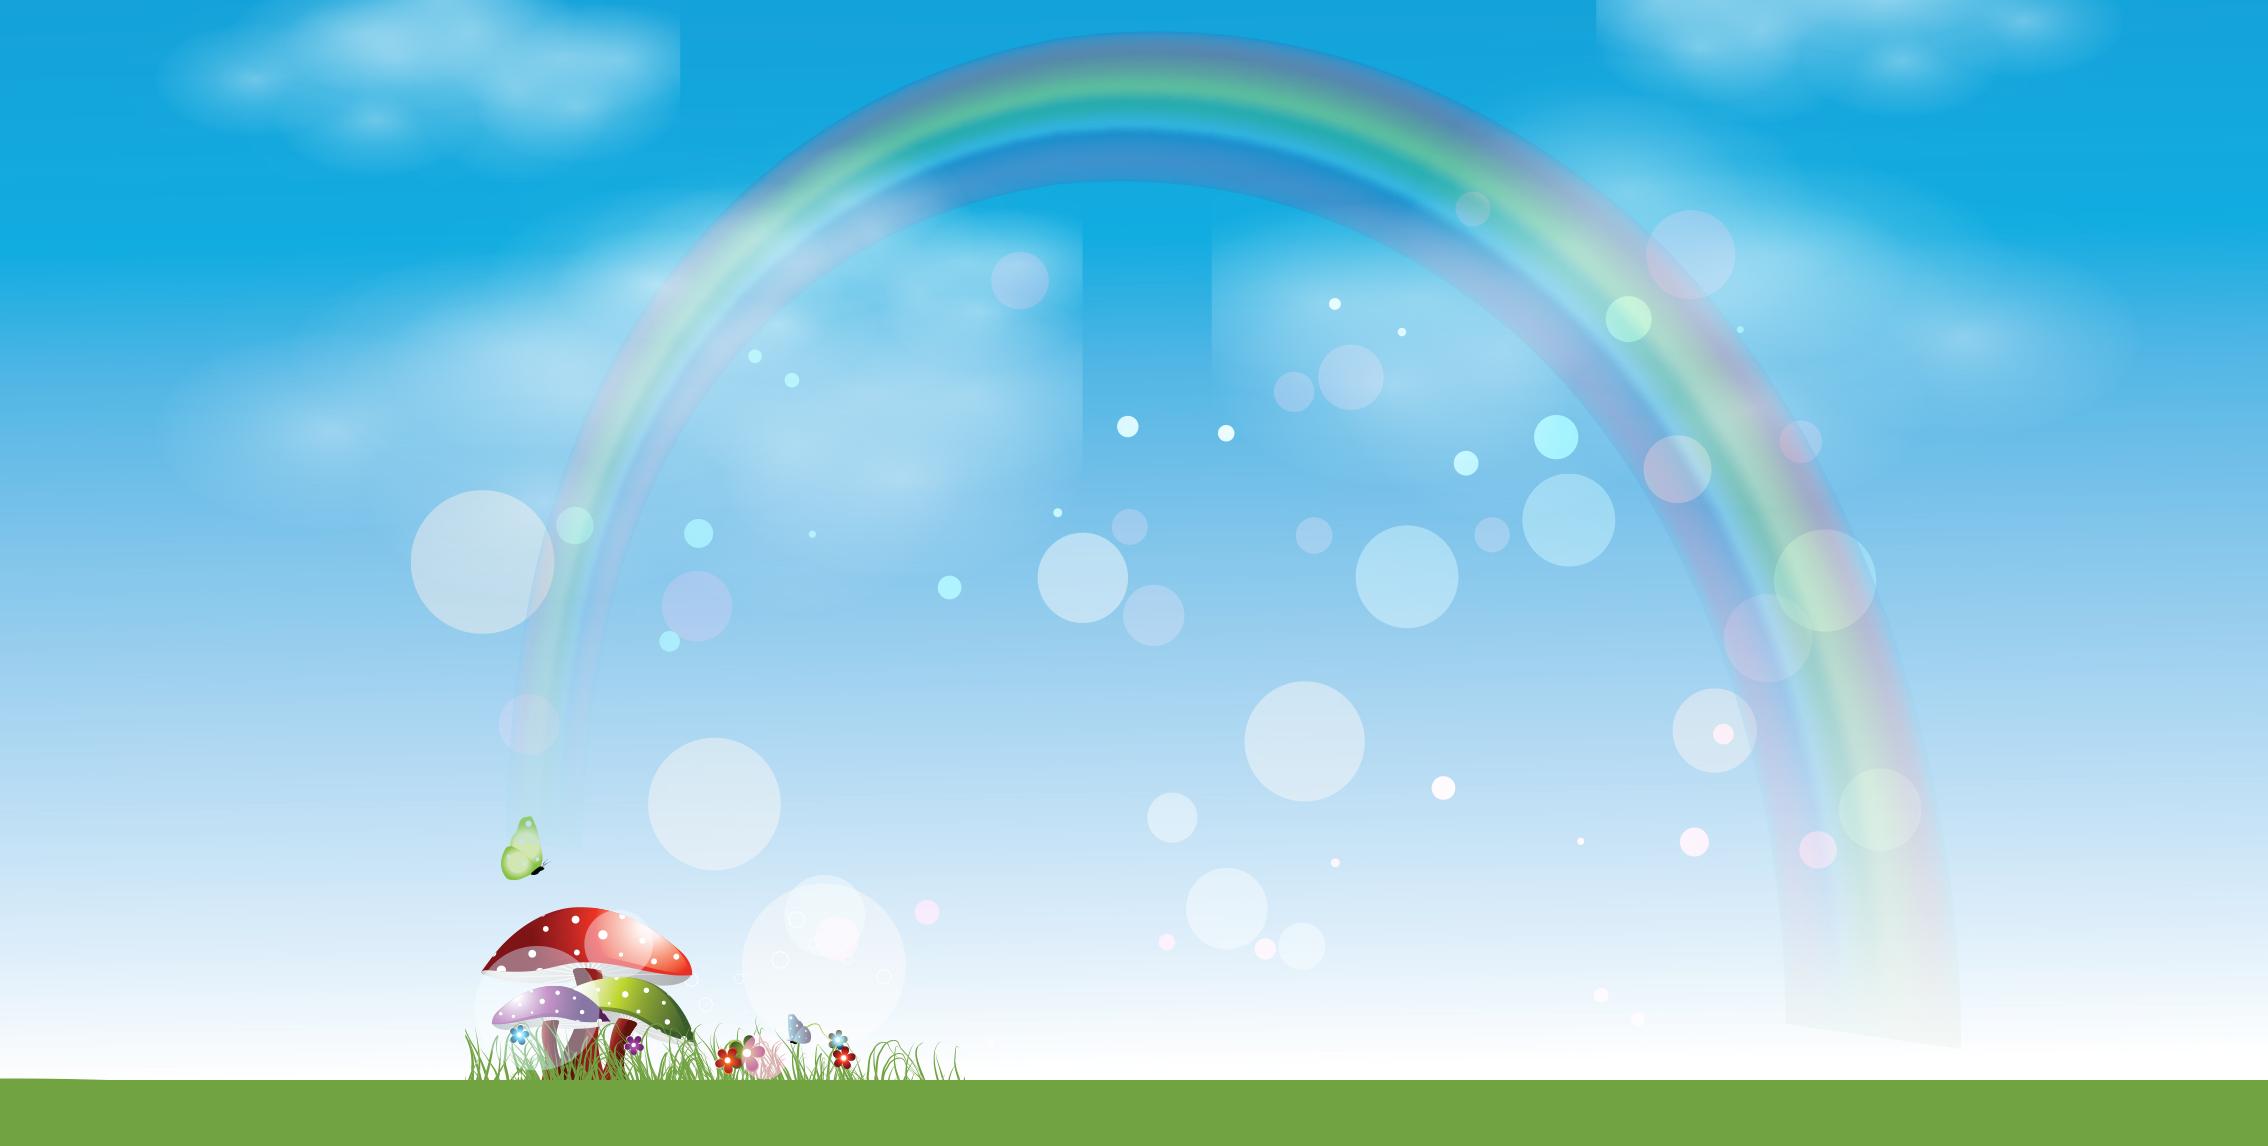 Фоны для презентаций красивые строгие детский сад